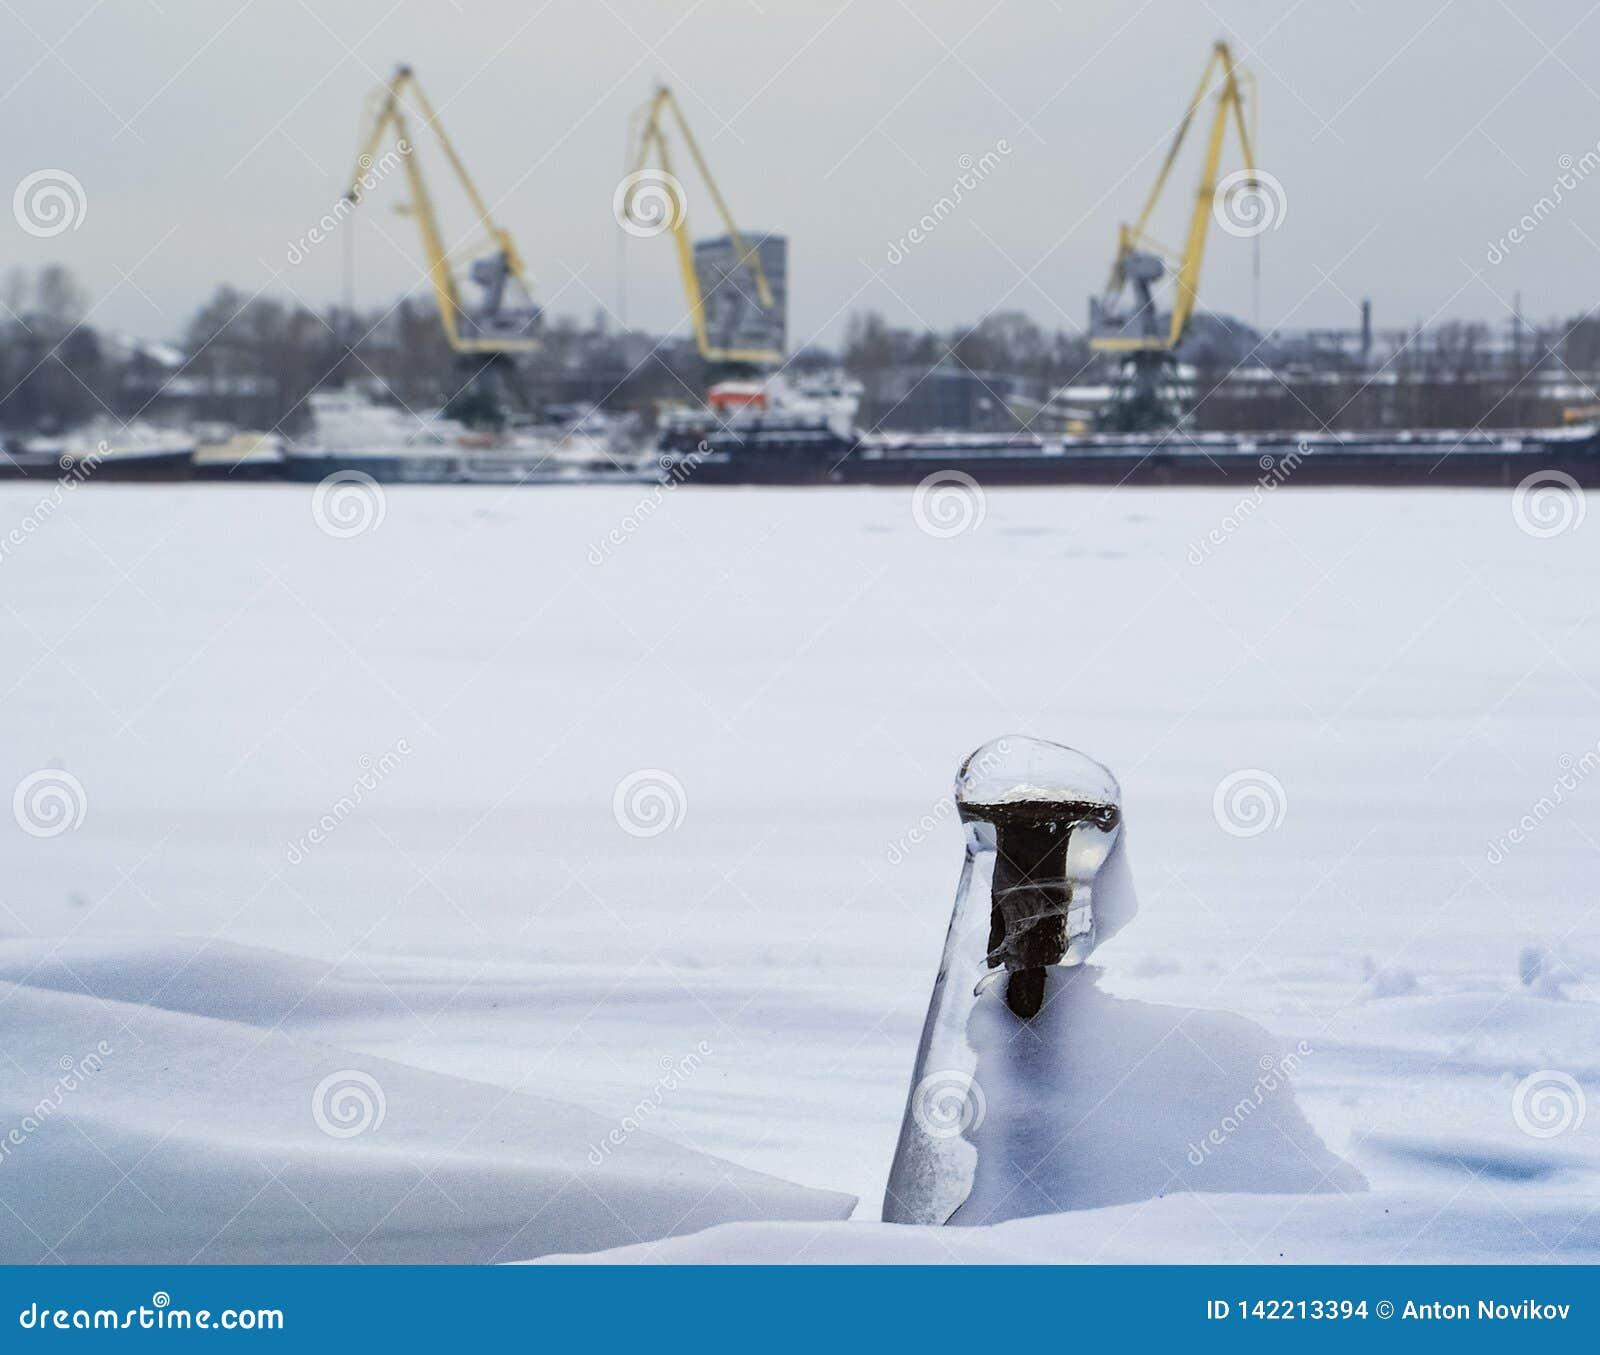 Промышленный ландшафт с кранами и замороженным винтом